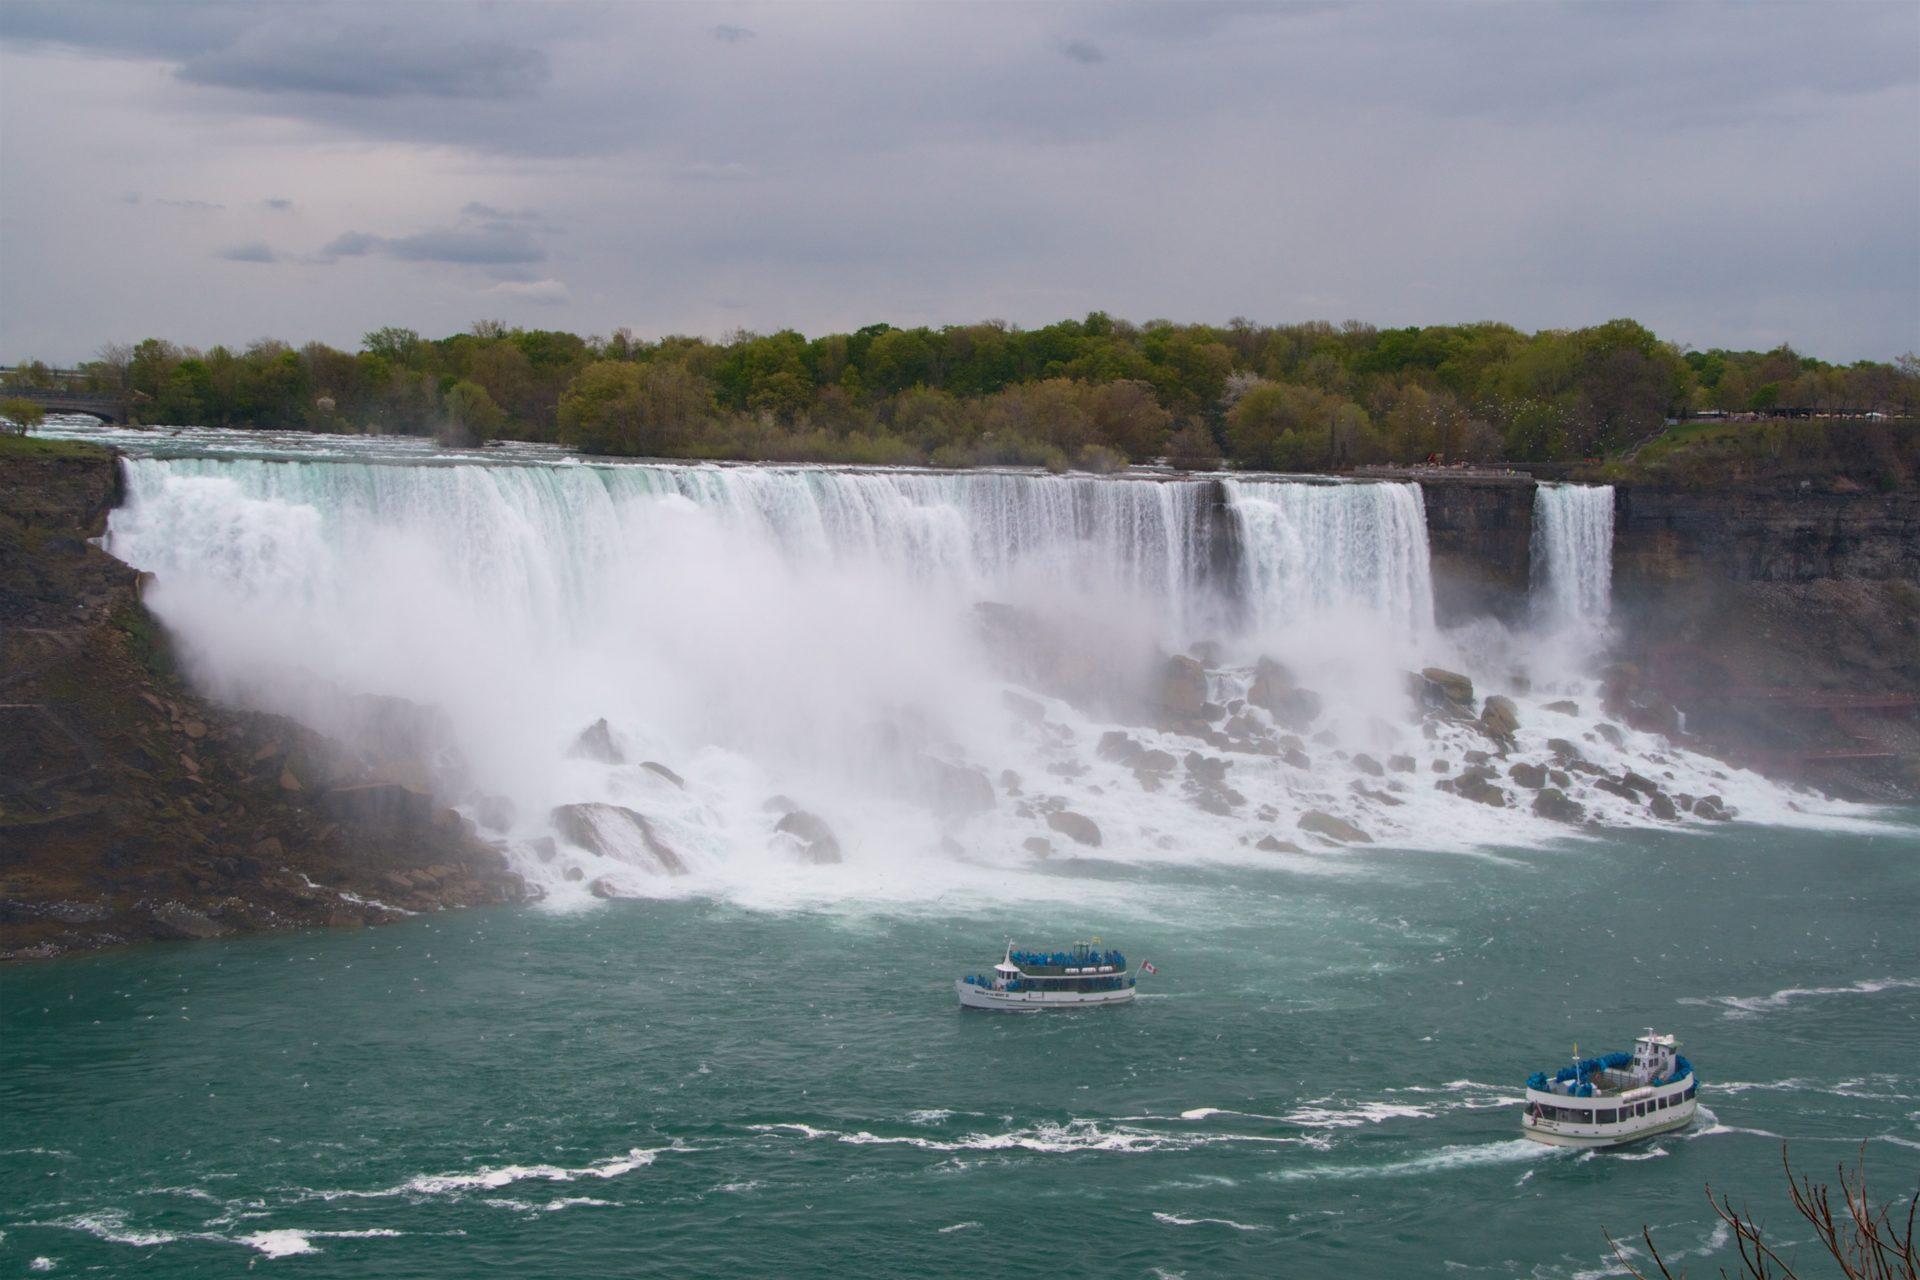 Statki przy wodospadzie Niagara